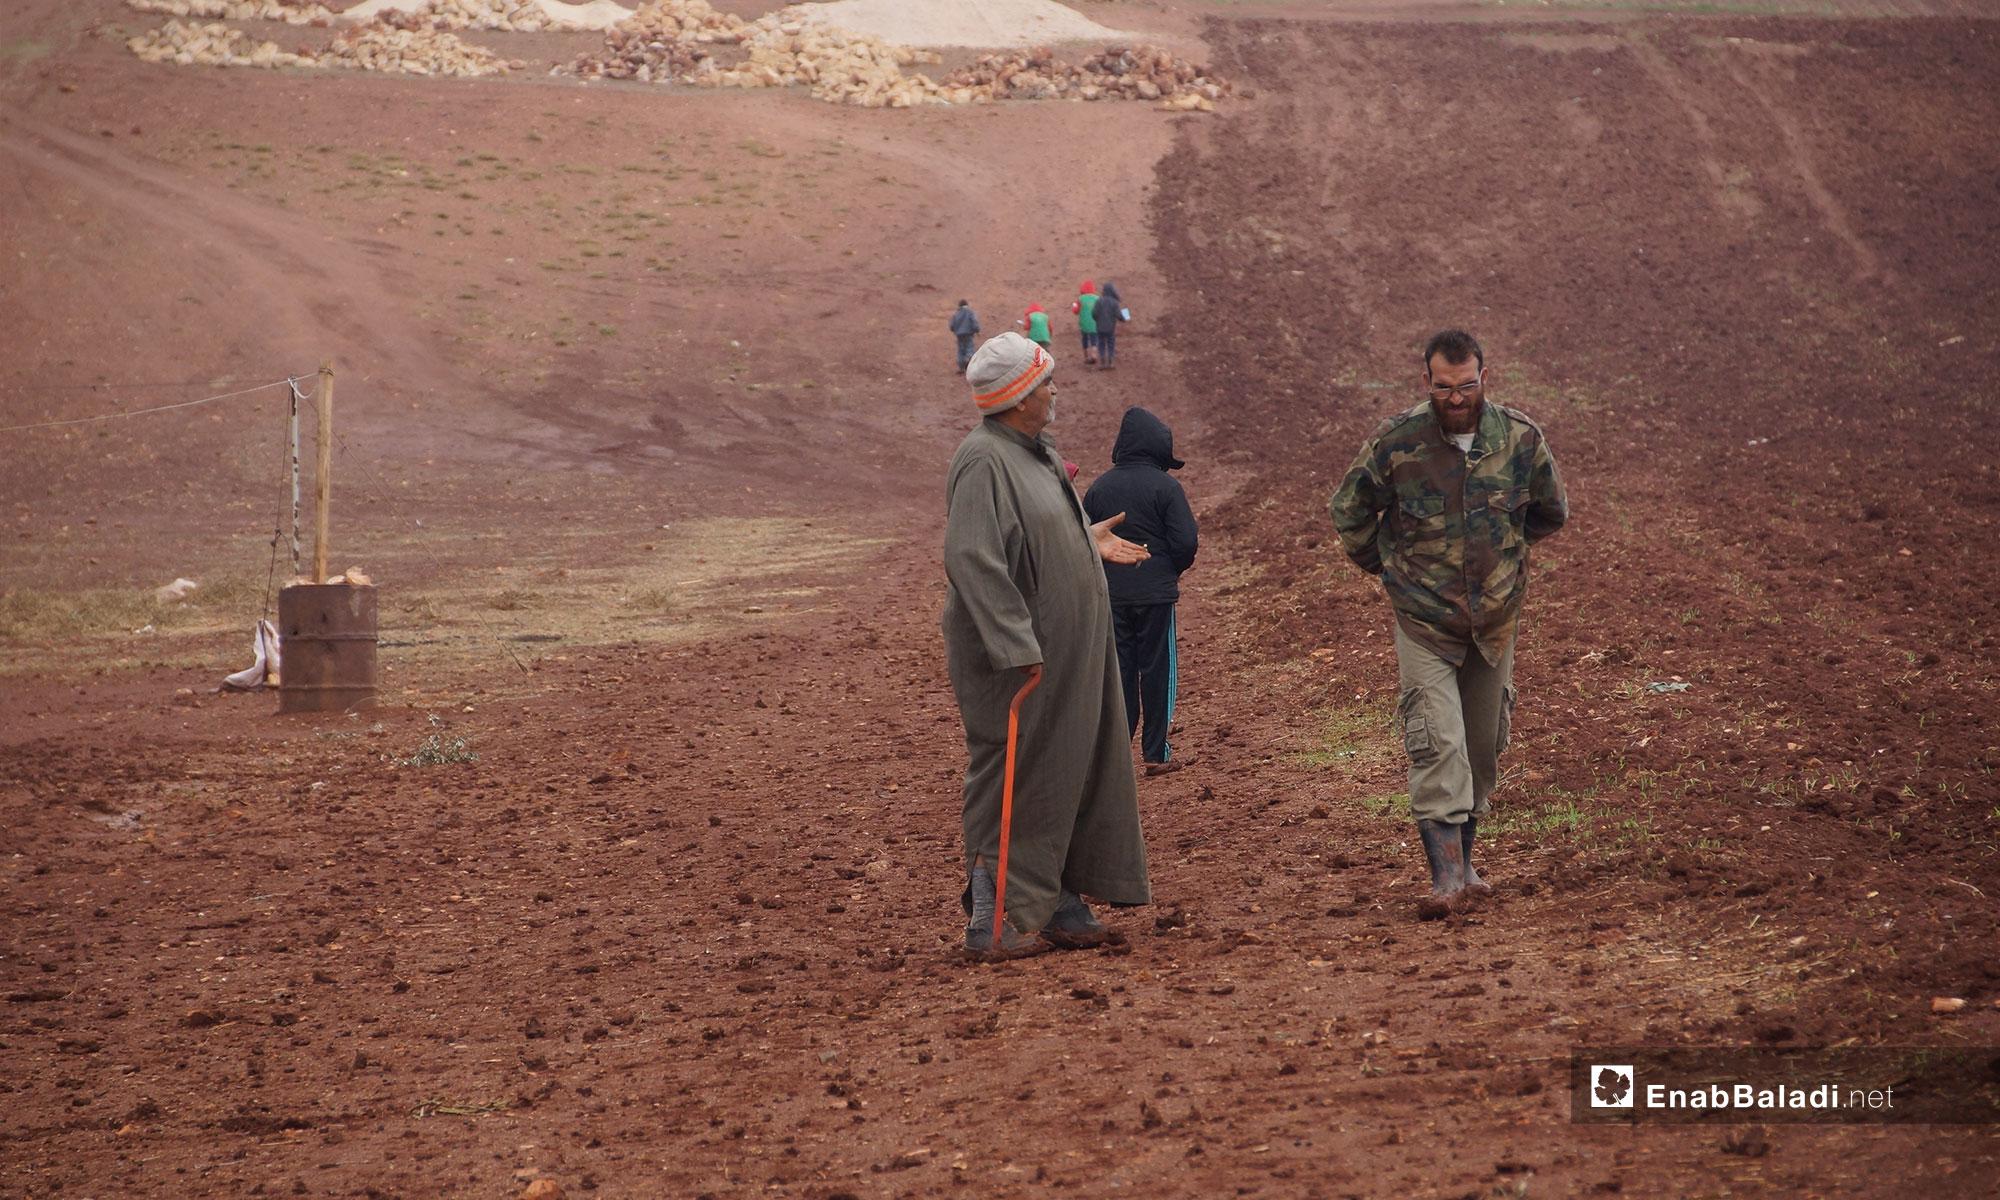 معاناة أهالي ريف حماة في مخيم أبو الوليد بريف إدلب الجنوبي - 5 من تشرين الثاني 2018 (عنب بلدي)